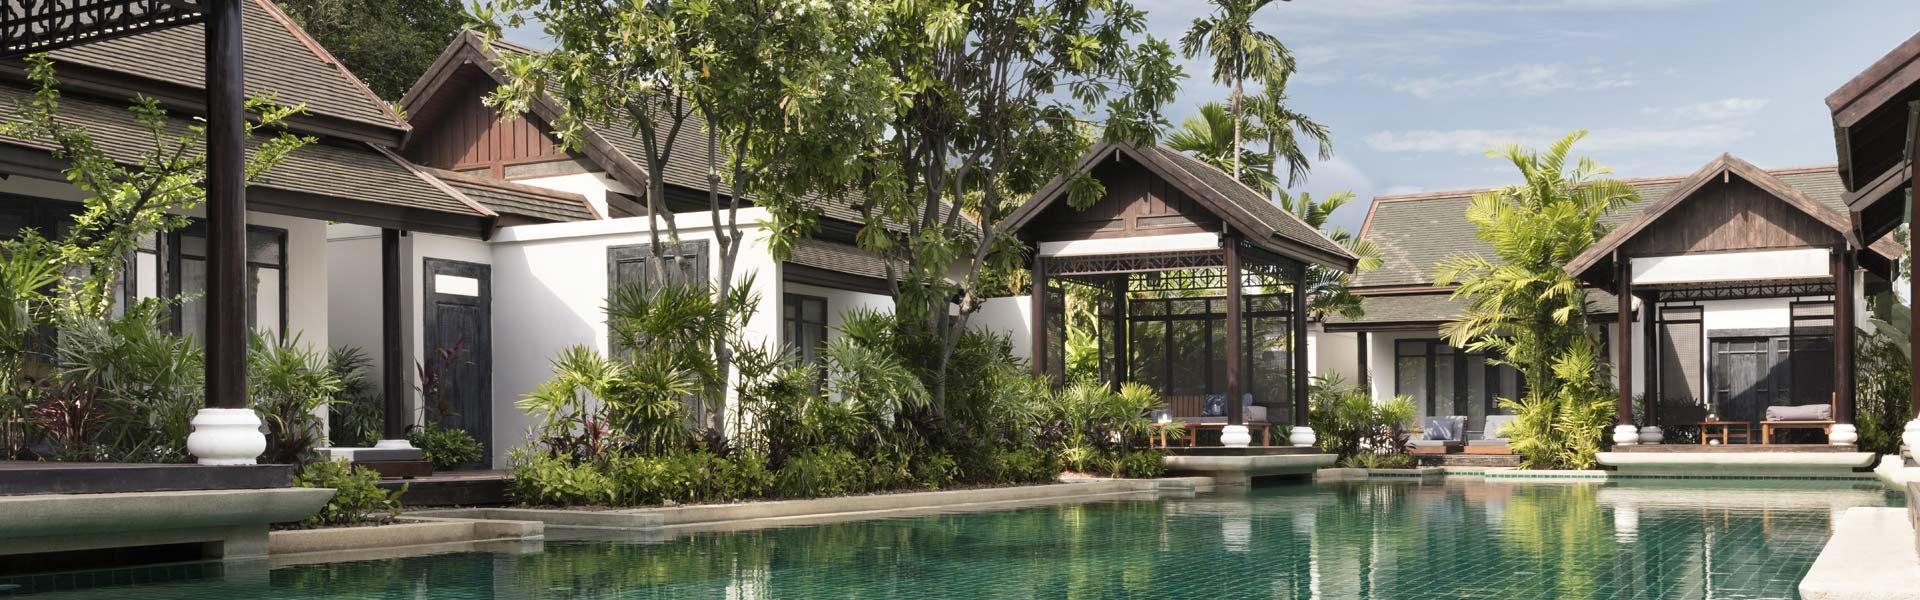 Samui Luxury Spa Resort | Yoga and Wellness | Anantara Lawana